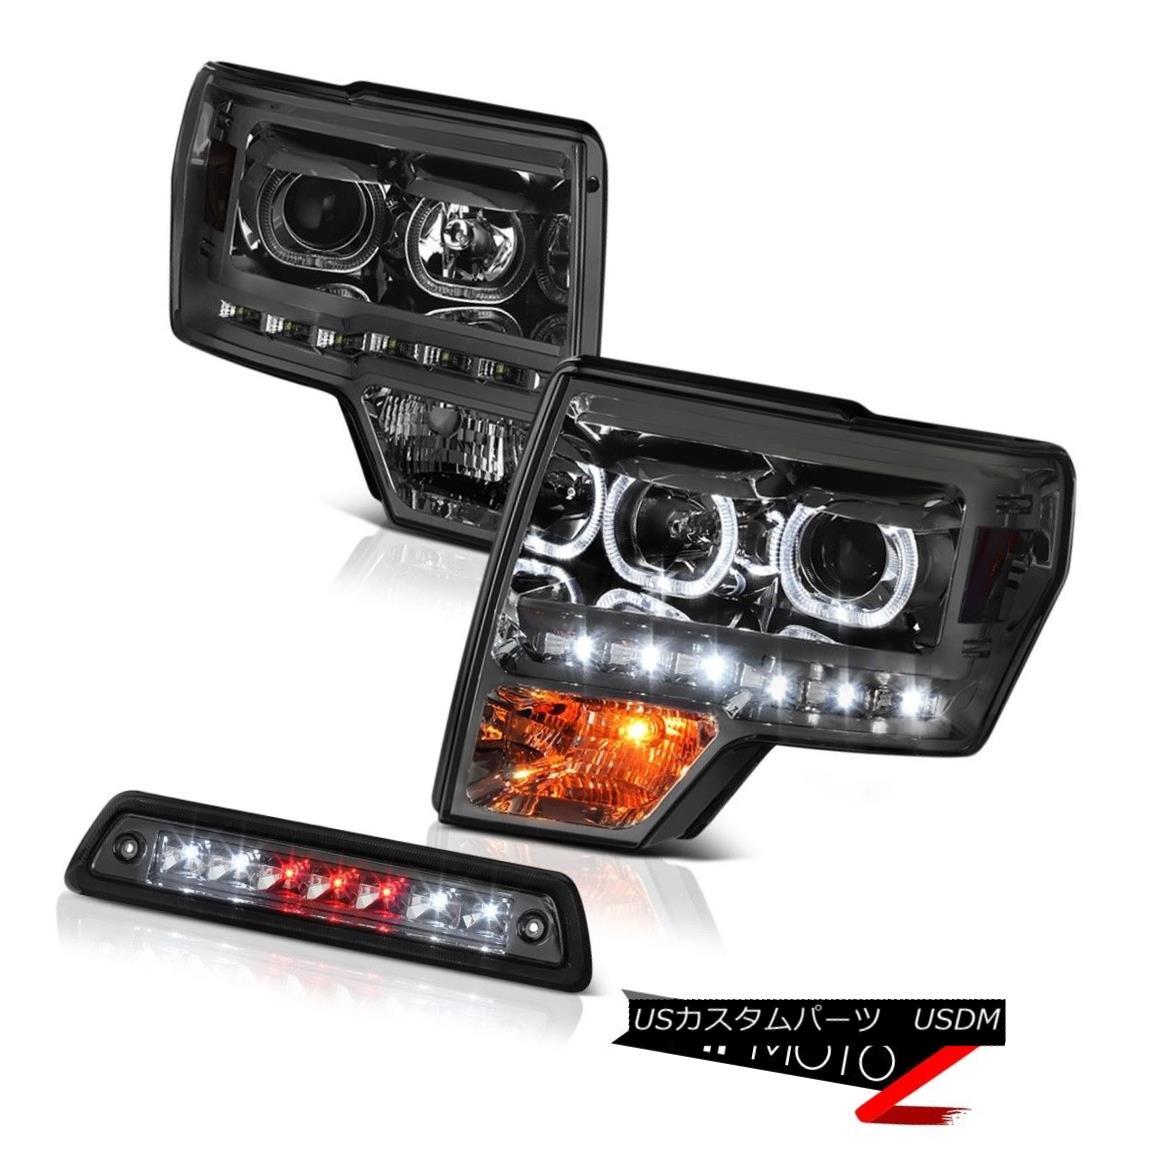 テールライト 09 10 11 12 13 14 F150 XL Smokey roof brake lamp projector headlamps Halo Rim 09 10 11 12 13 14 F150 XLスモーキー屋根ブレーキランププロジェクターヘッドランプHalo Rim